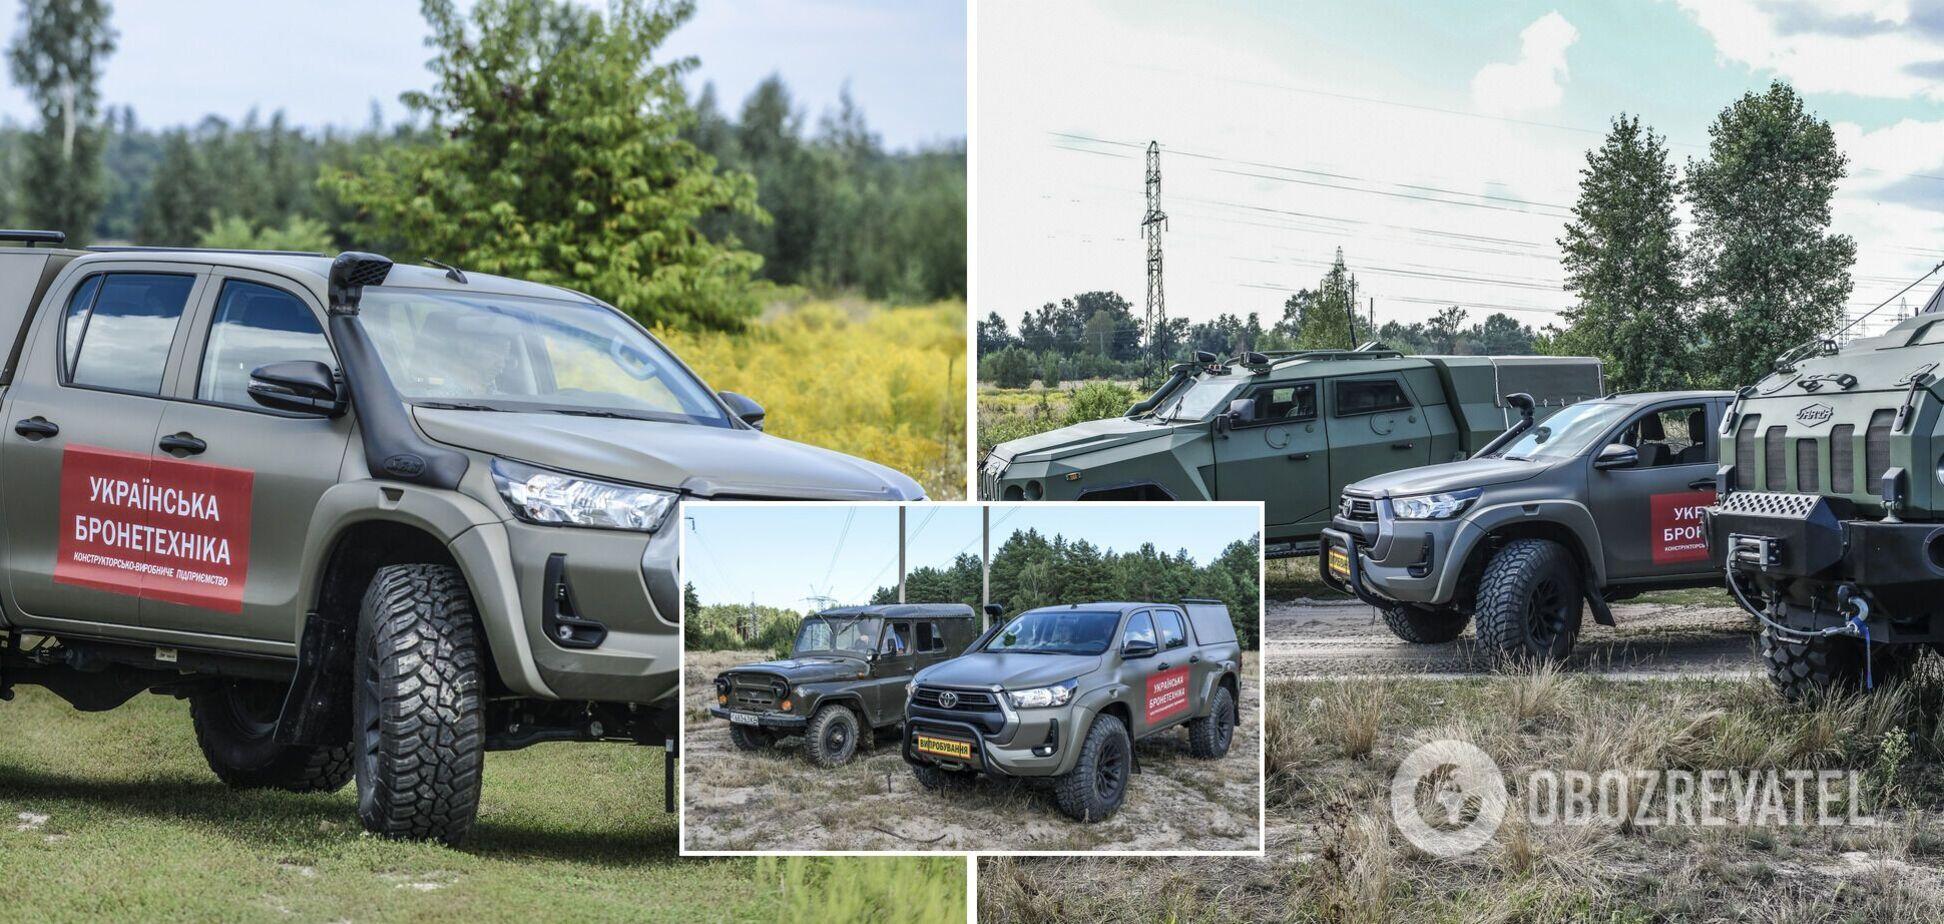 'Українська бронетехніка' представила  легковий автомобіль підвищеної прохідності